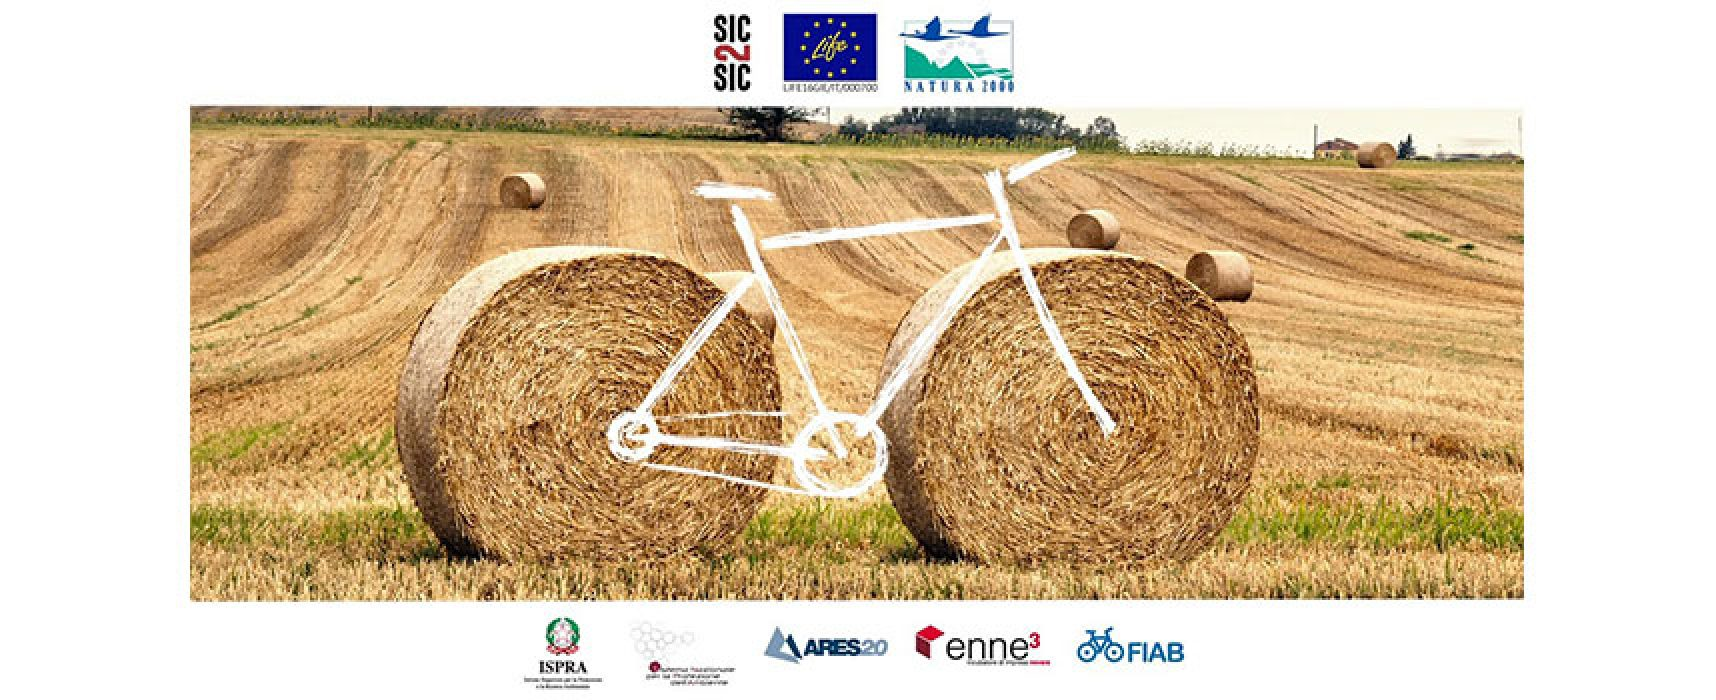 Seimila chilometri in bici per l'ambiente: il progetto Life Sic2sic fa tappa a Bisceglie